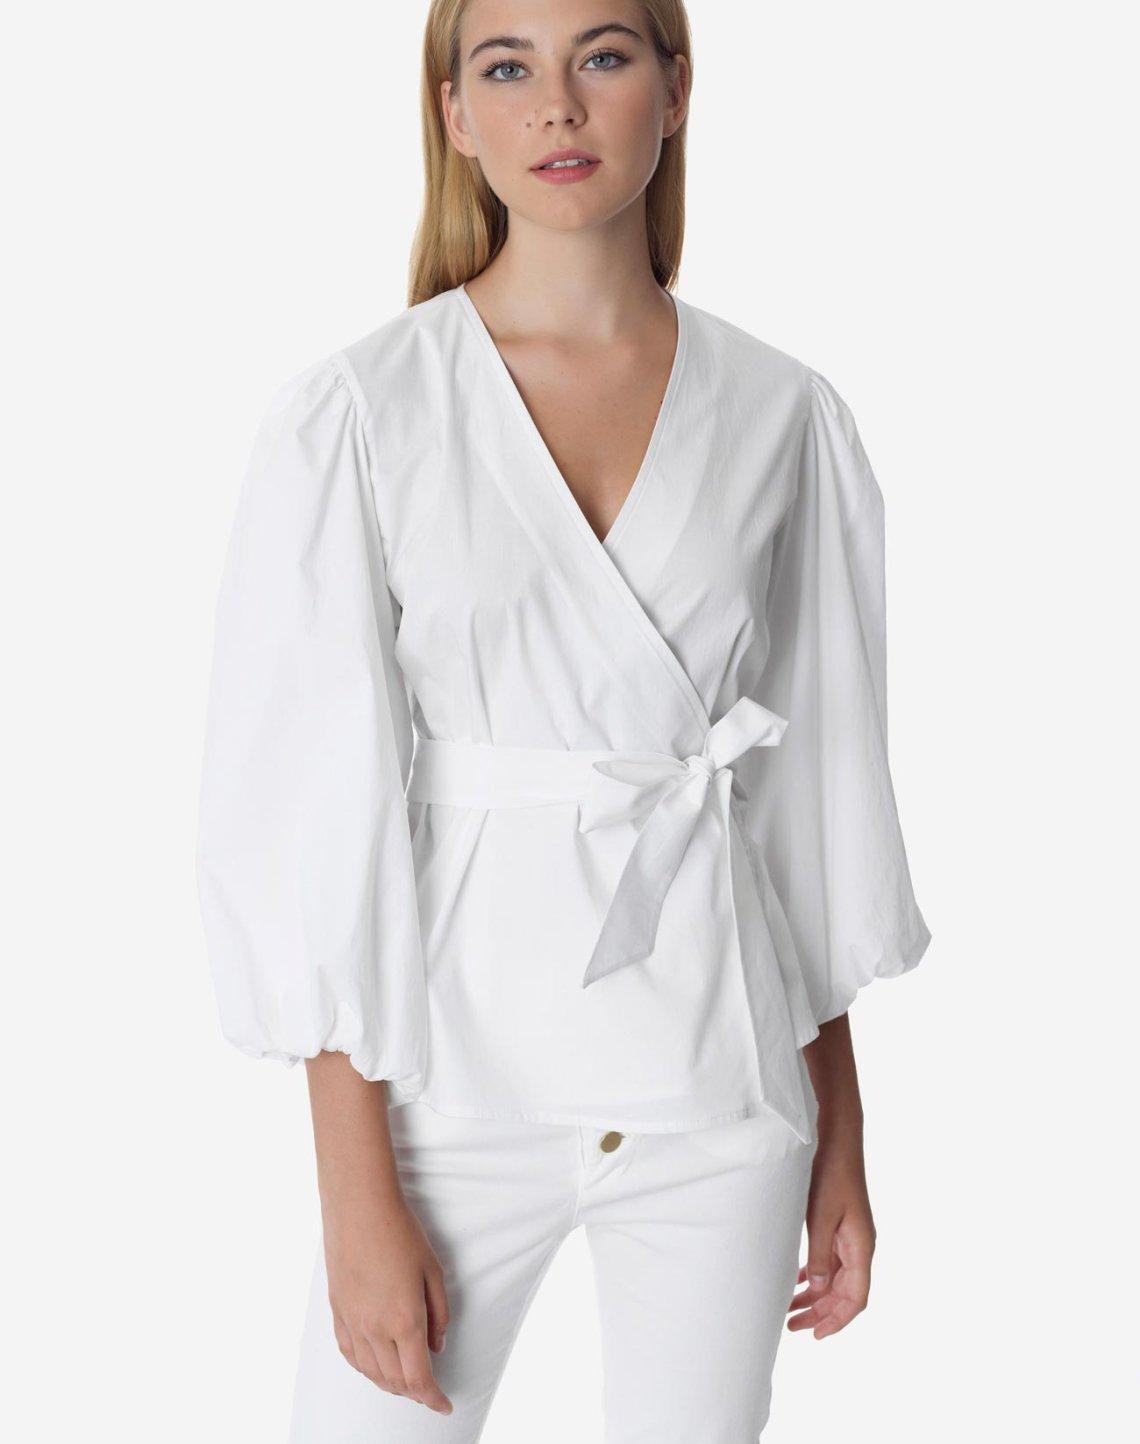 Κρουαζέ πουκάμισο με φουσκωτό μανίκι